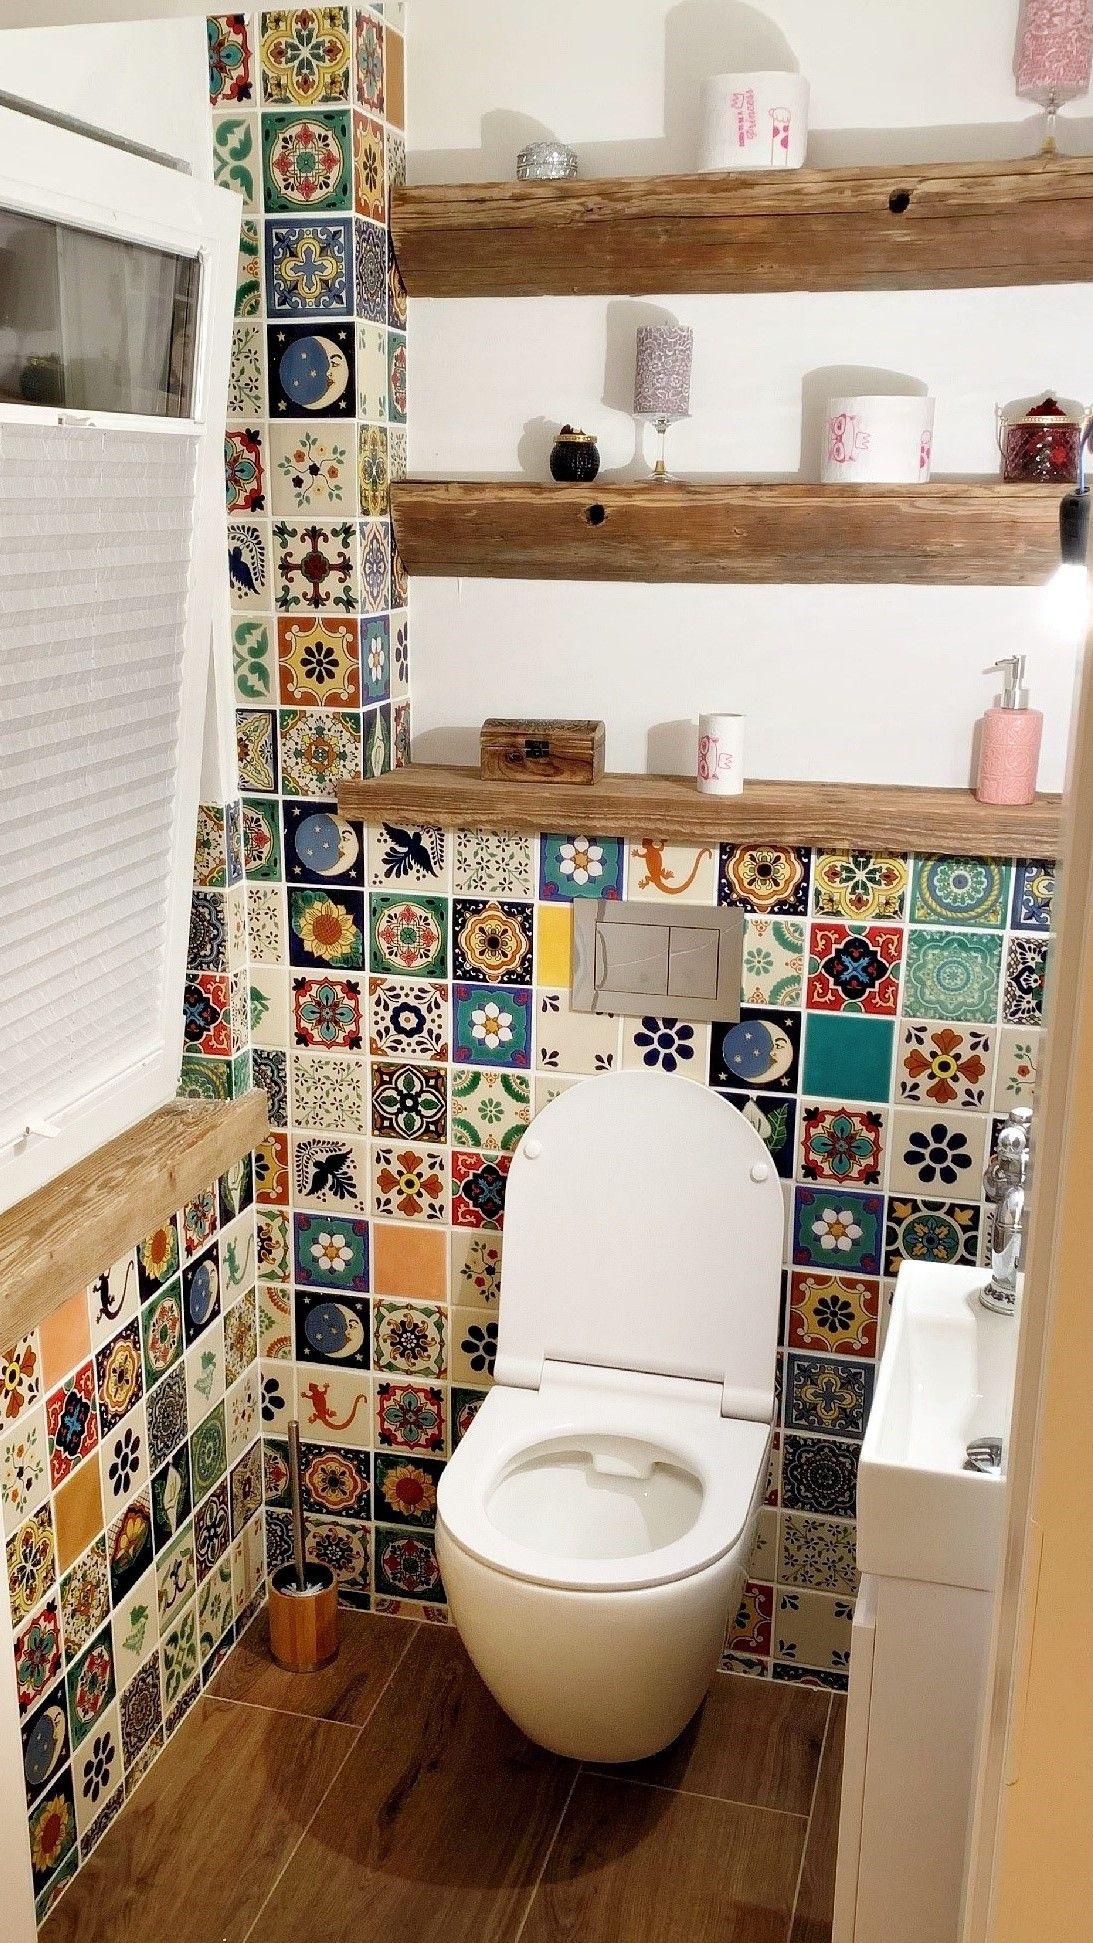 Bunte Toilette mit Mexiko-Fliesenspiegel im Patchwork-Stil